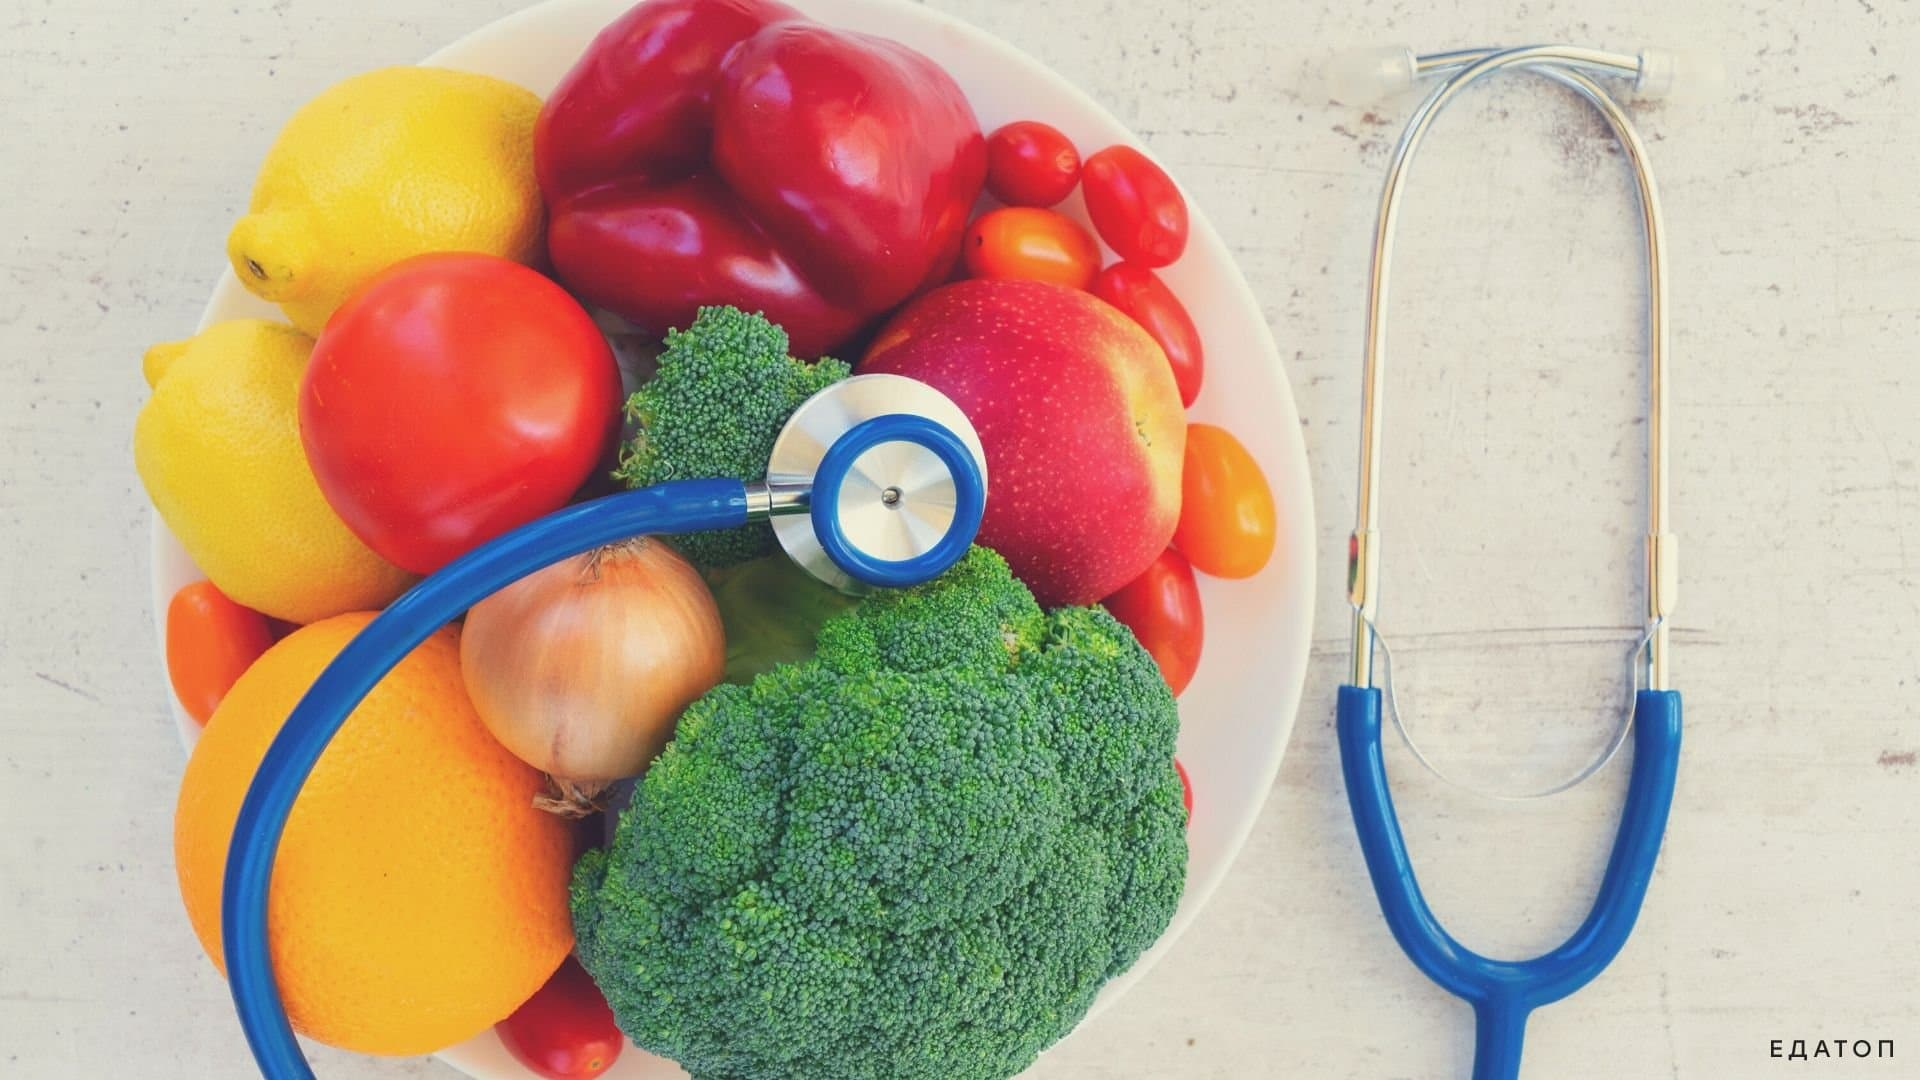 [BBBKEYWORD]. Лечебные столы (диеты) № 1-15 по Певзнеру: таблицы продуктов и режим питания